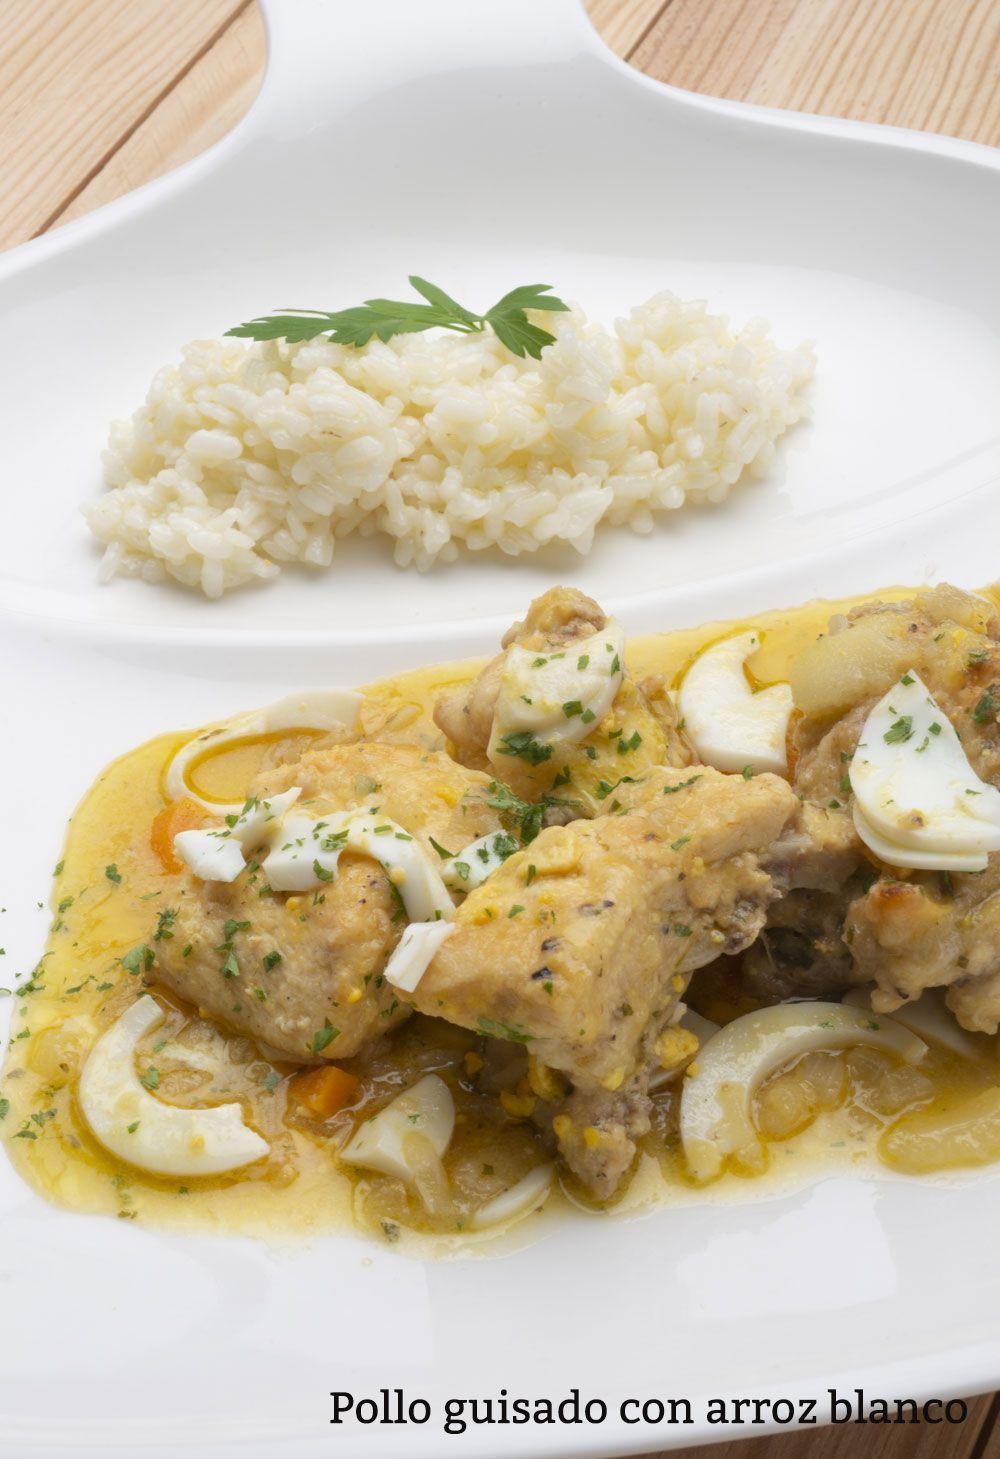 Receta de Pollo guisado con arroz blanco - Karlos Arguiñano #recetas ...